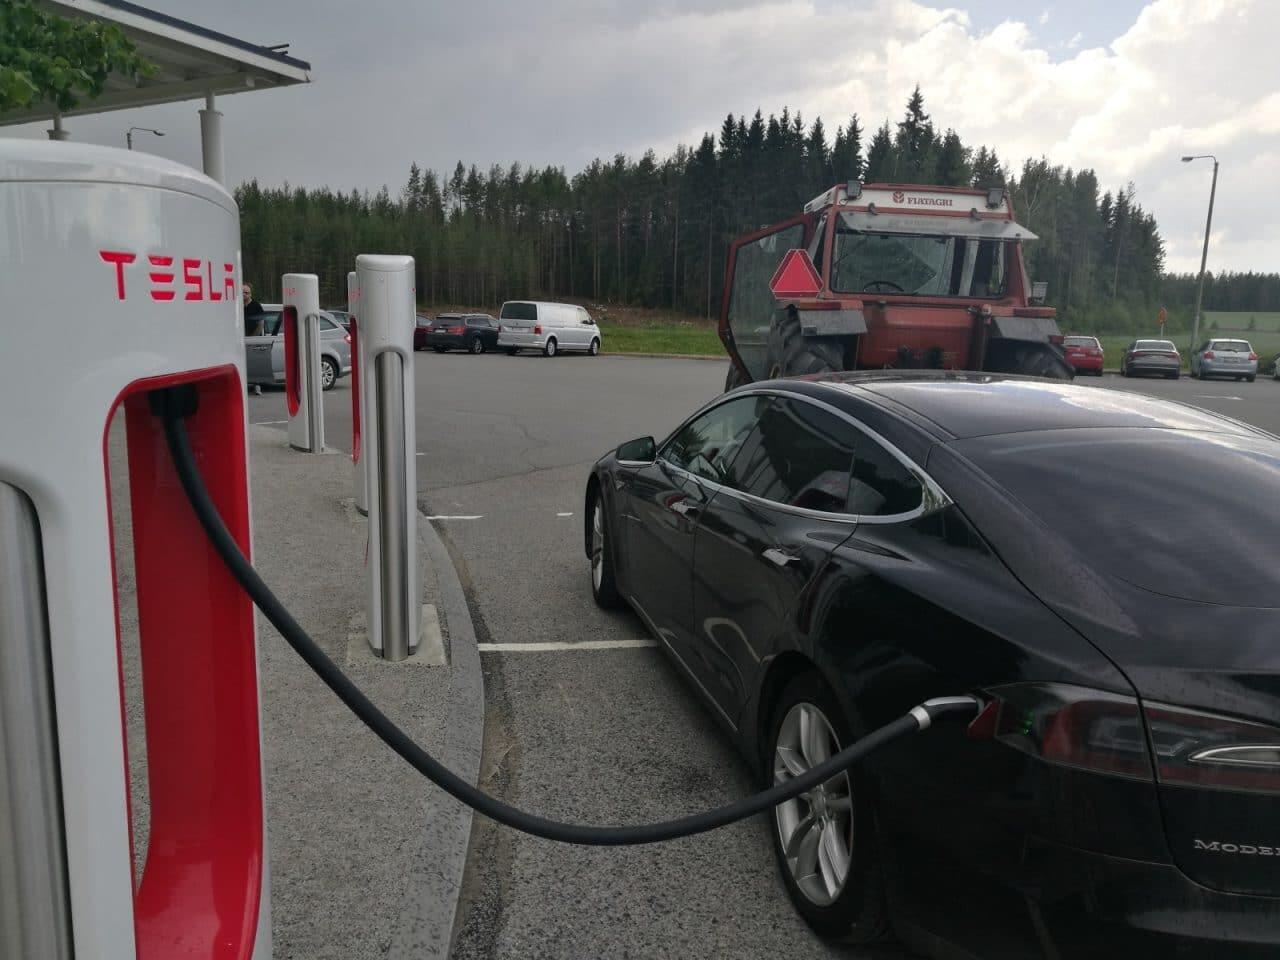 Jokamies-Teslan-hinaaminen-Latauksee